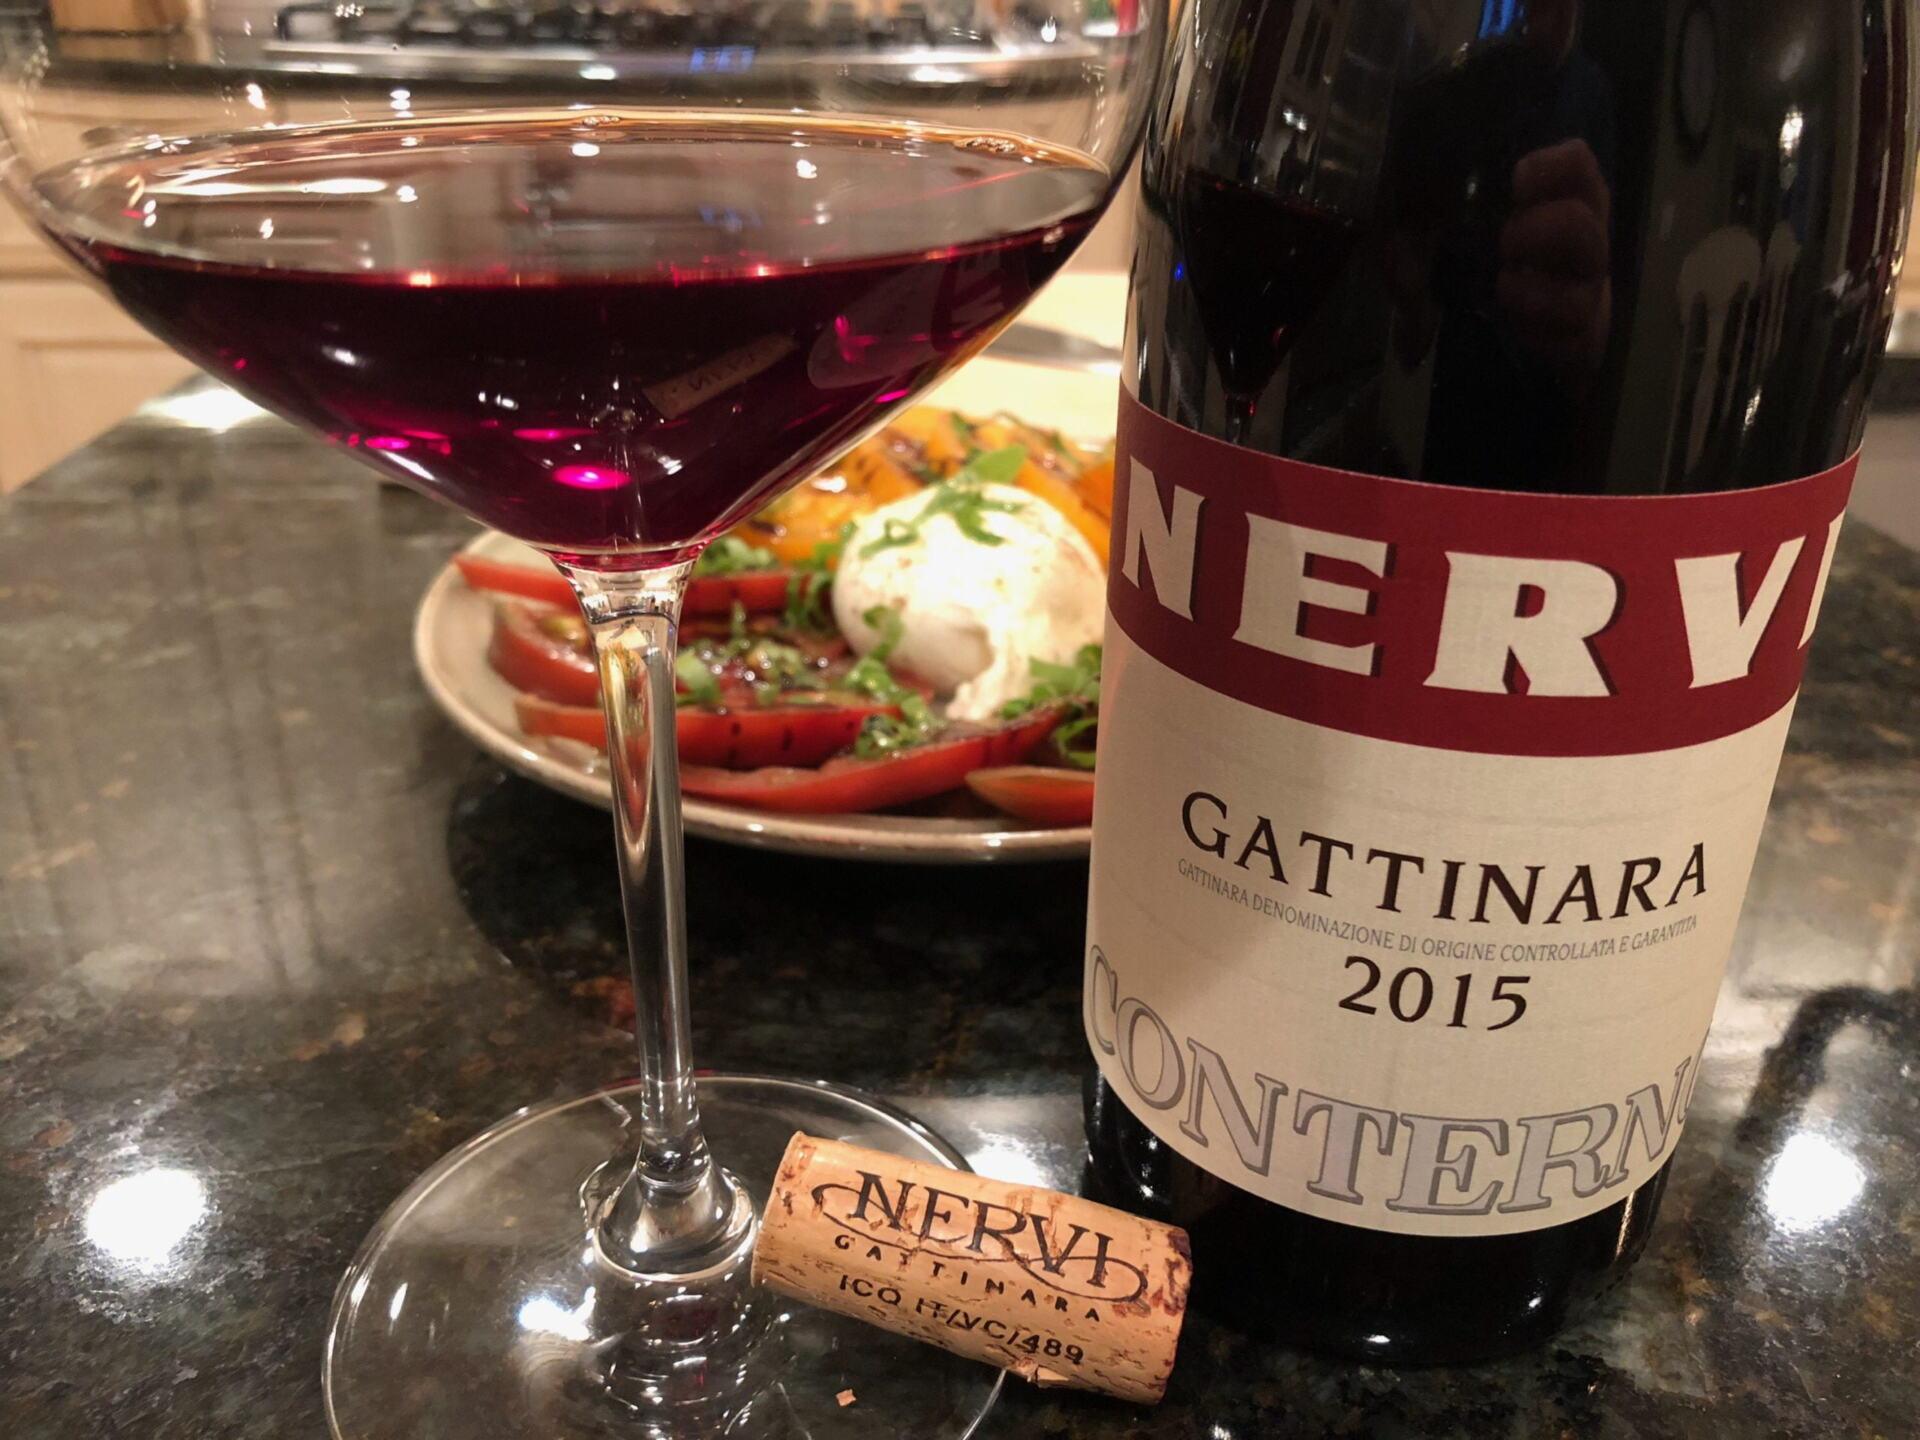 Bottle of Nervi Gattinara wine